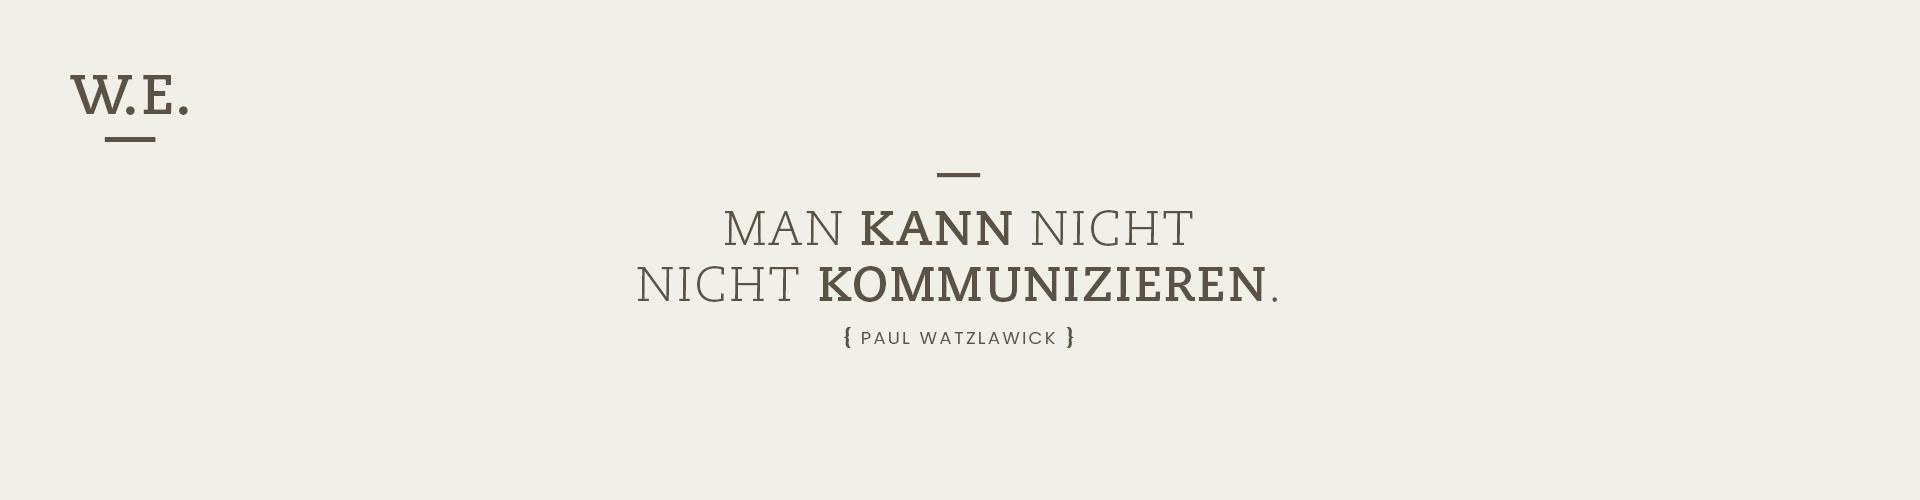 WE_Kommuniizieren_schmal